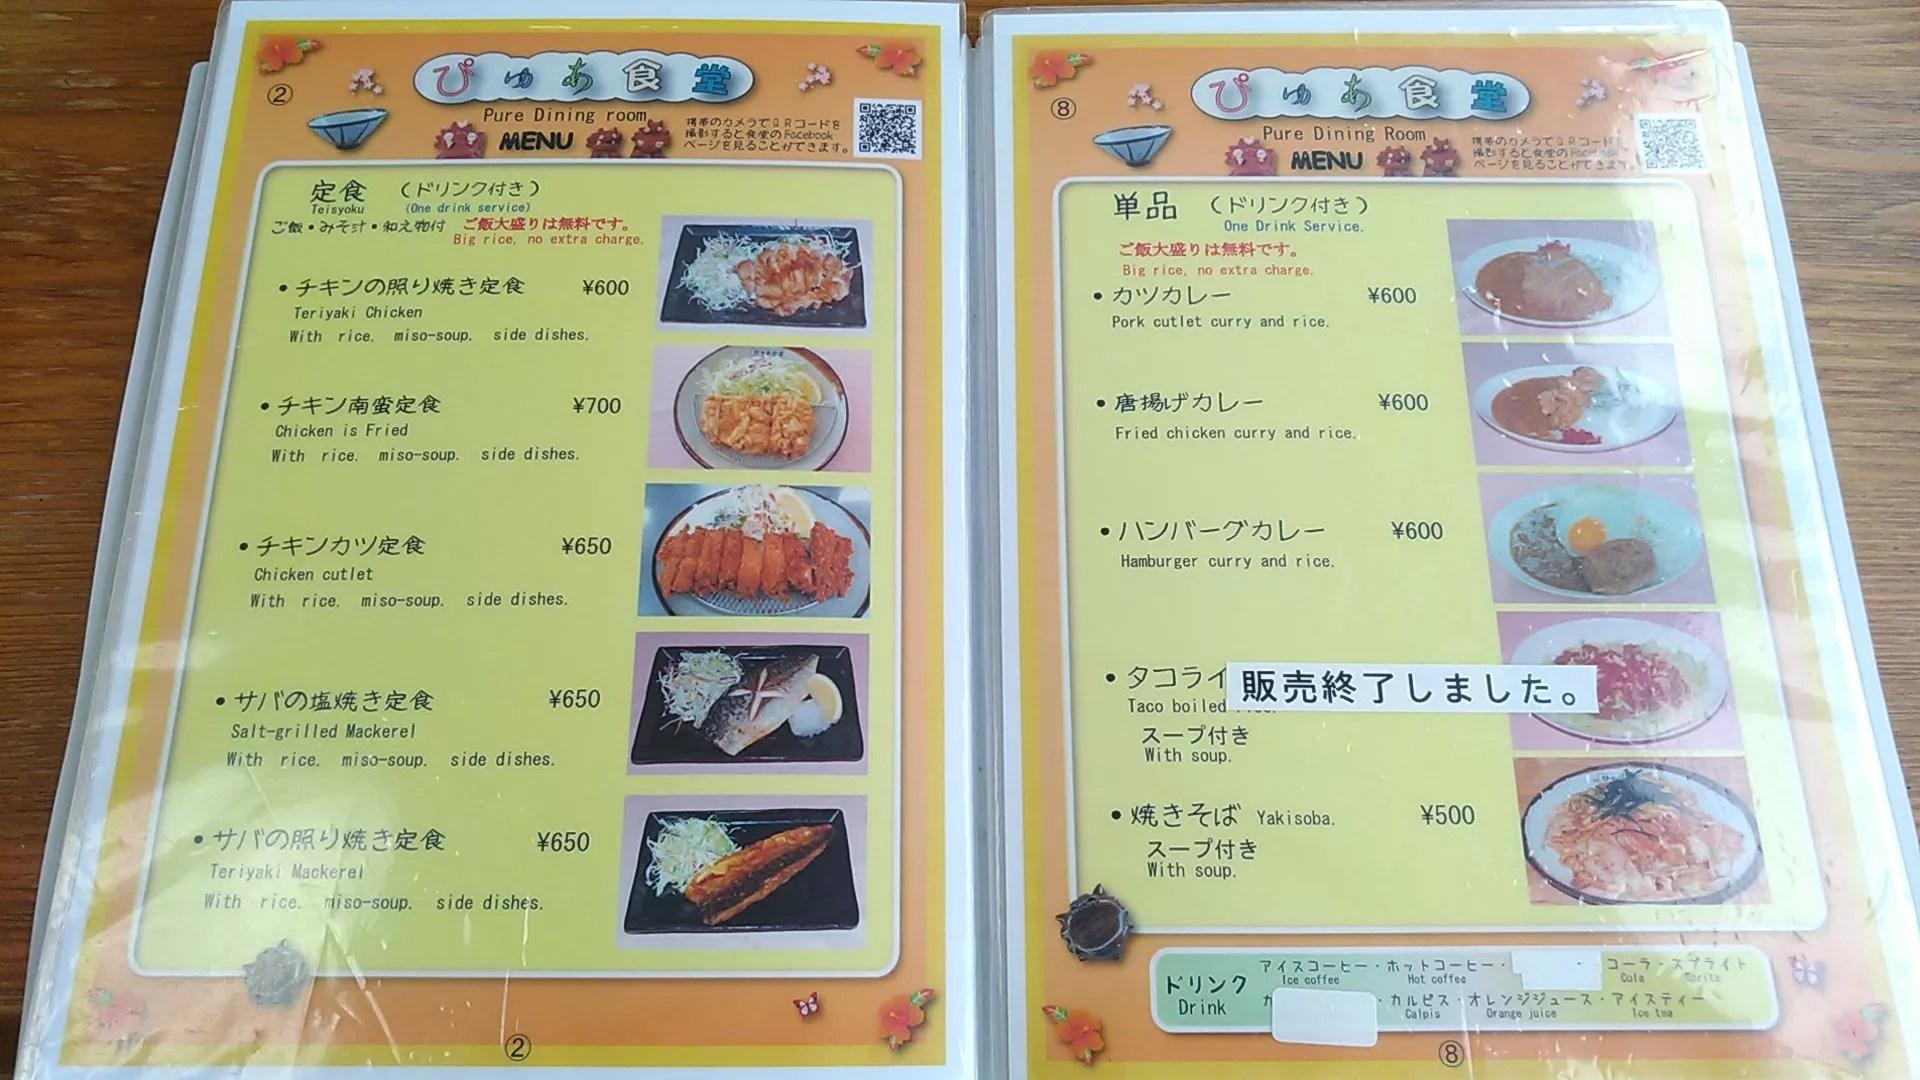 ぴゅあ食堂のメニュー 7